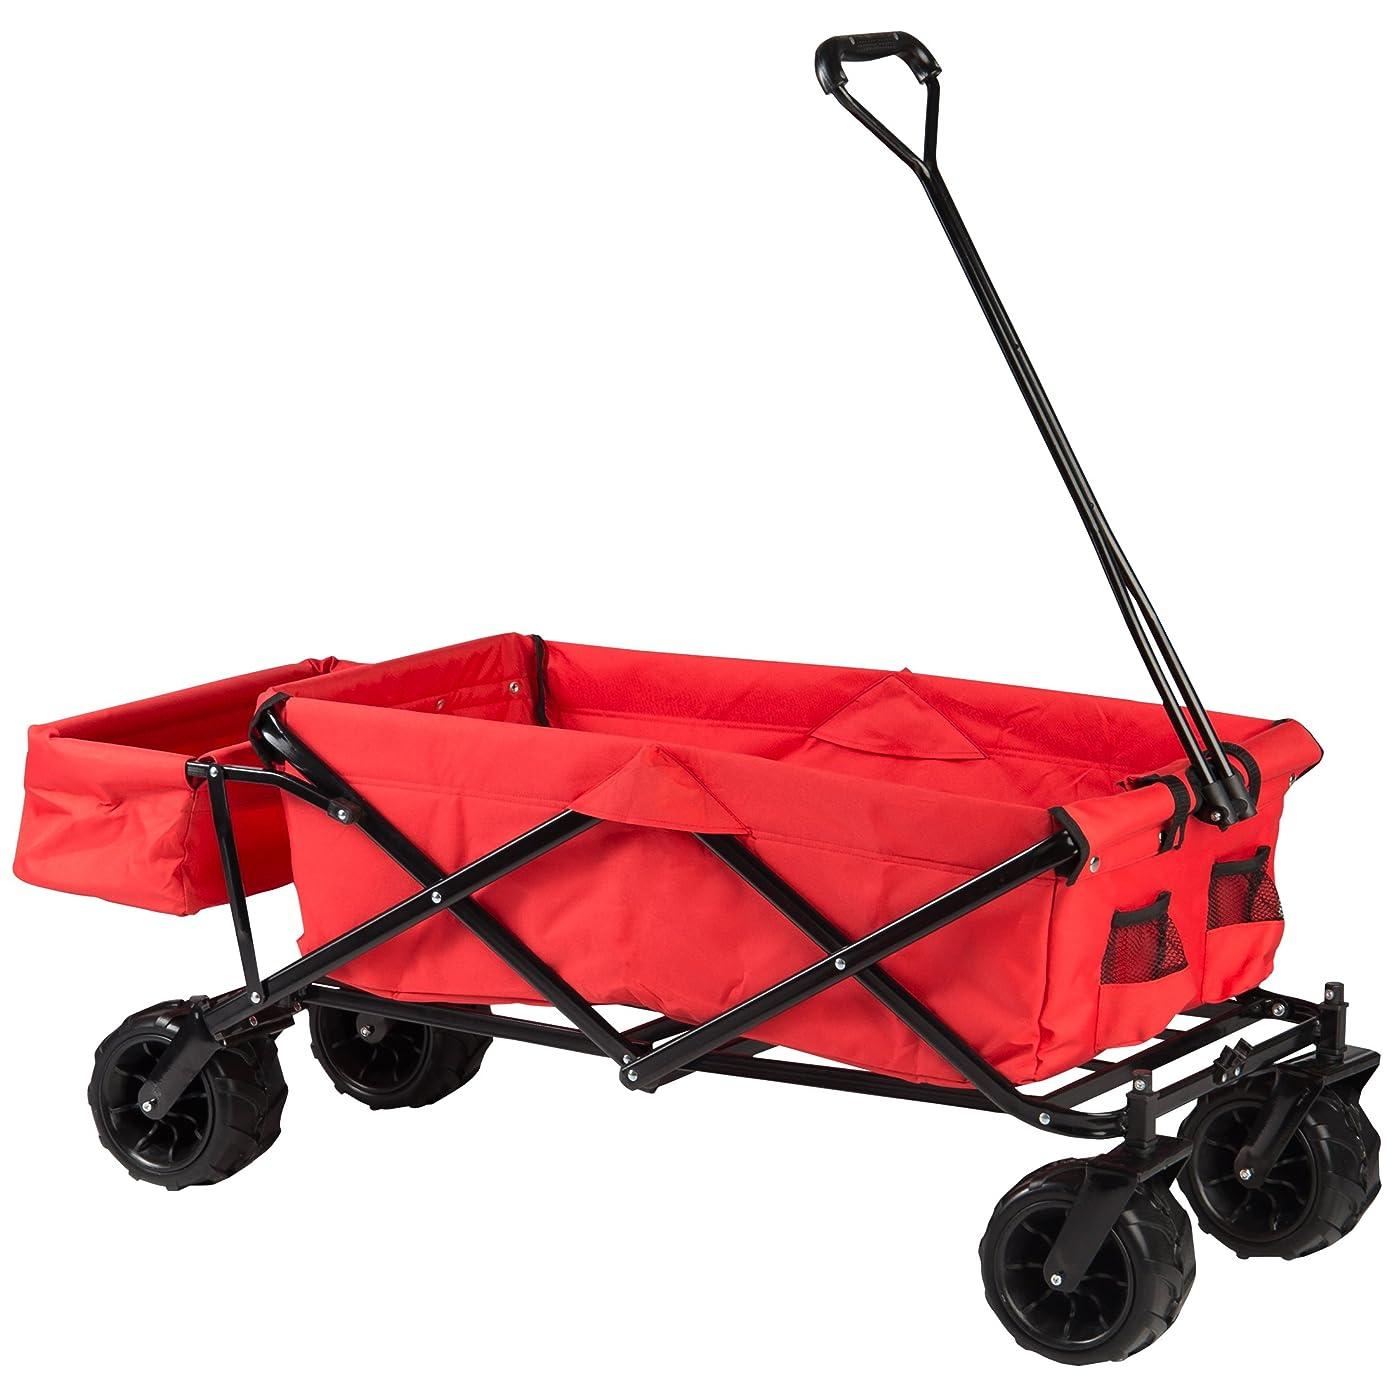 近代化許容できる法王ウルトラスポーツ 折り畳み式ハンドカート持ち運びケース付き 最大使用重量 100kg